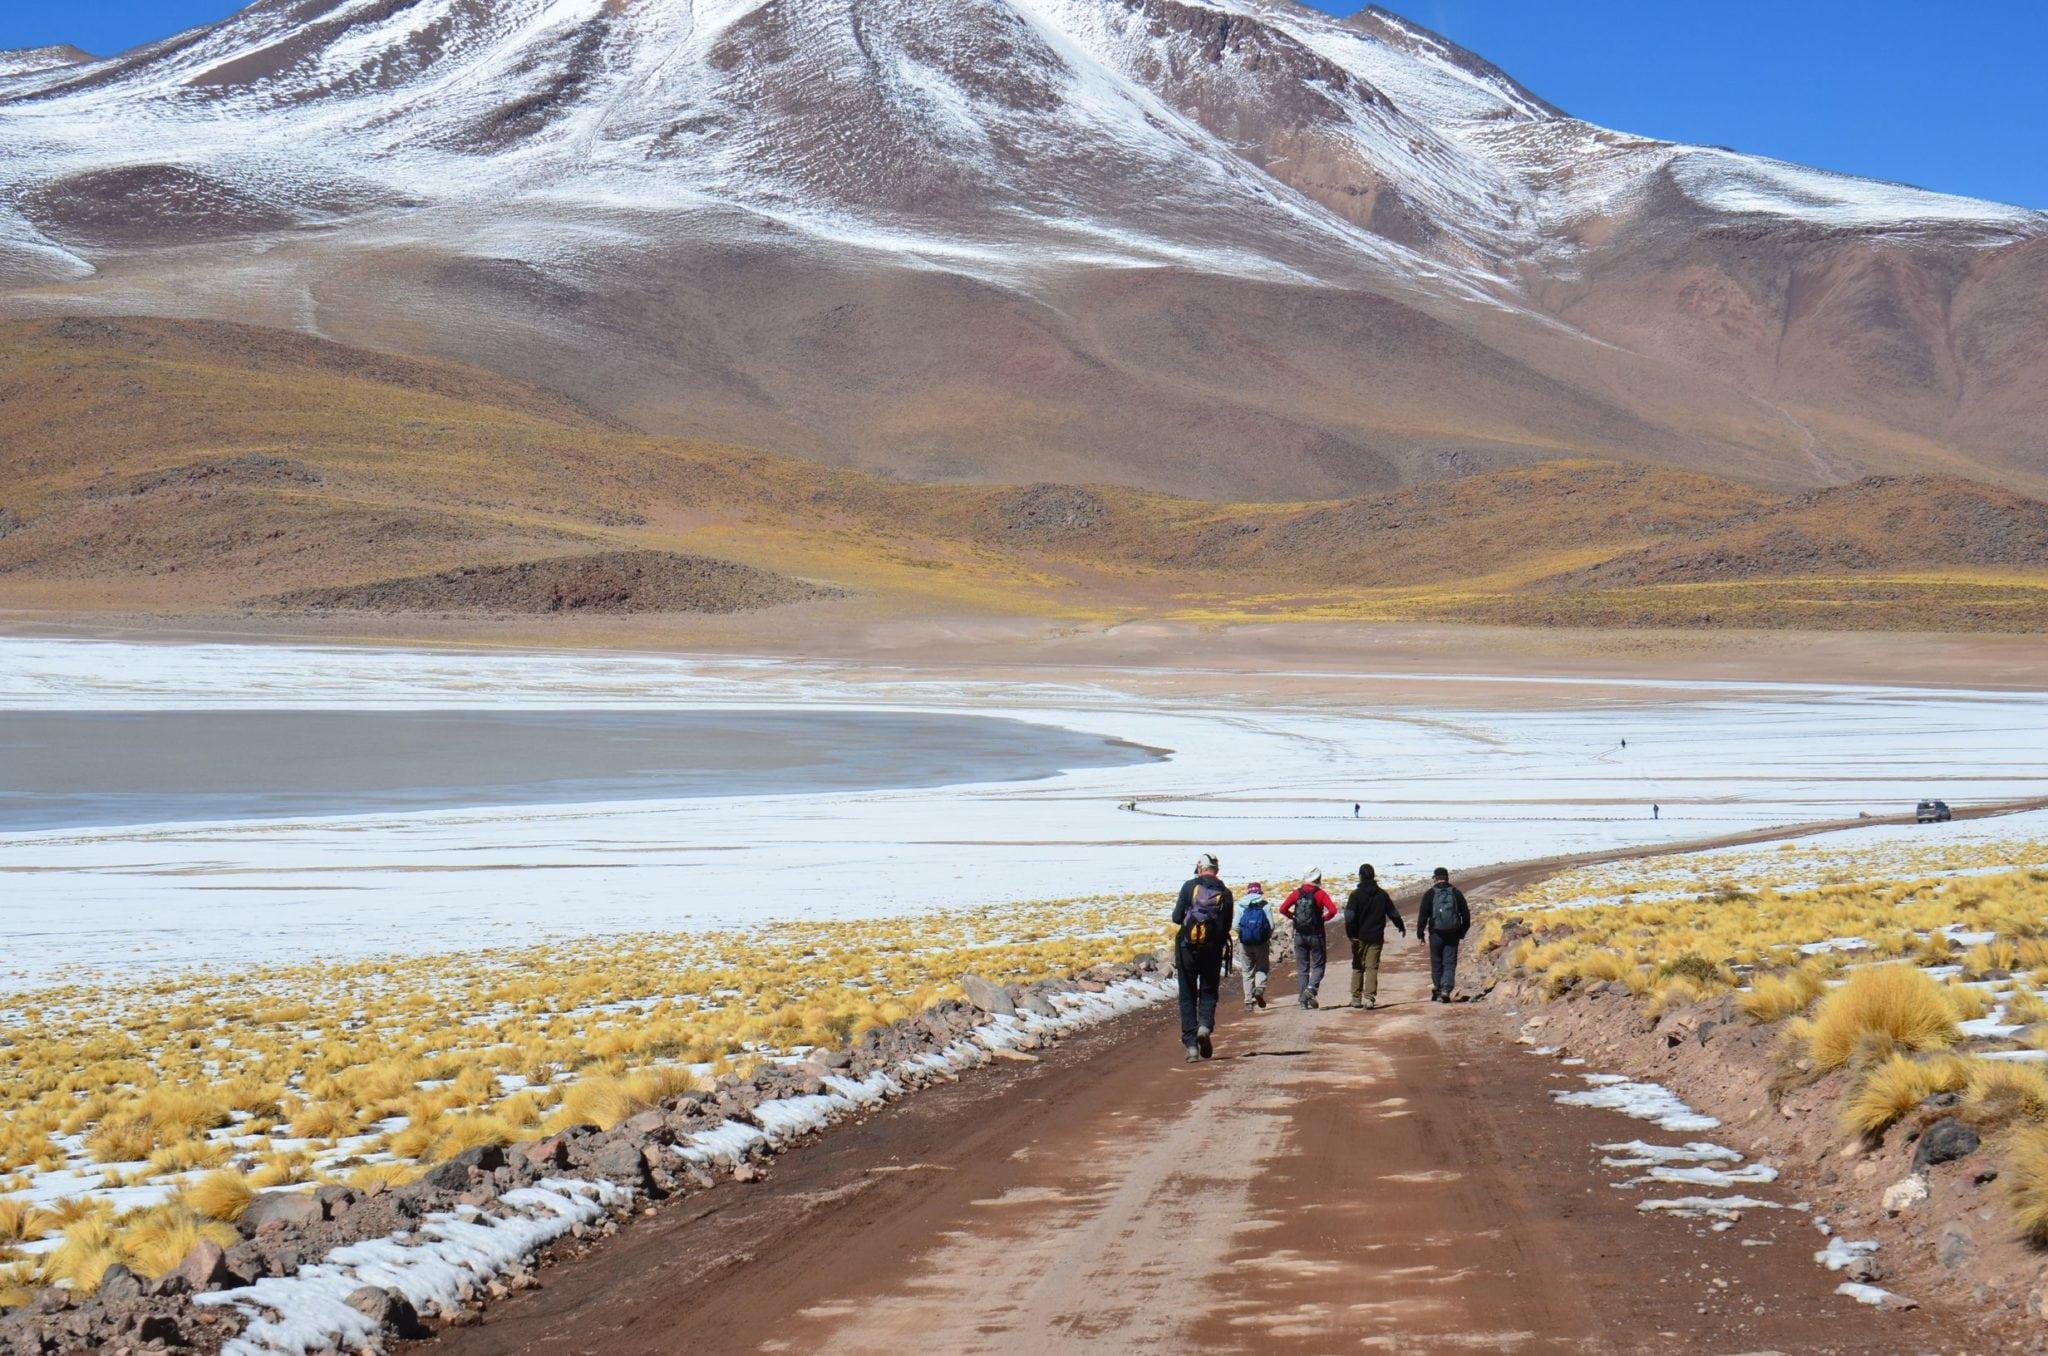 Altiplanic Lagoons and Salt Flat of Atacama